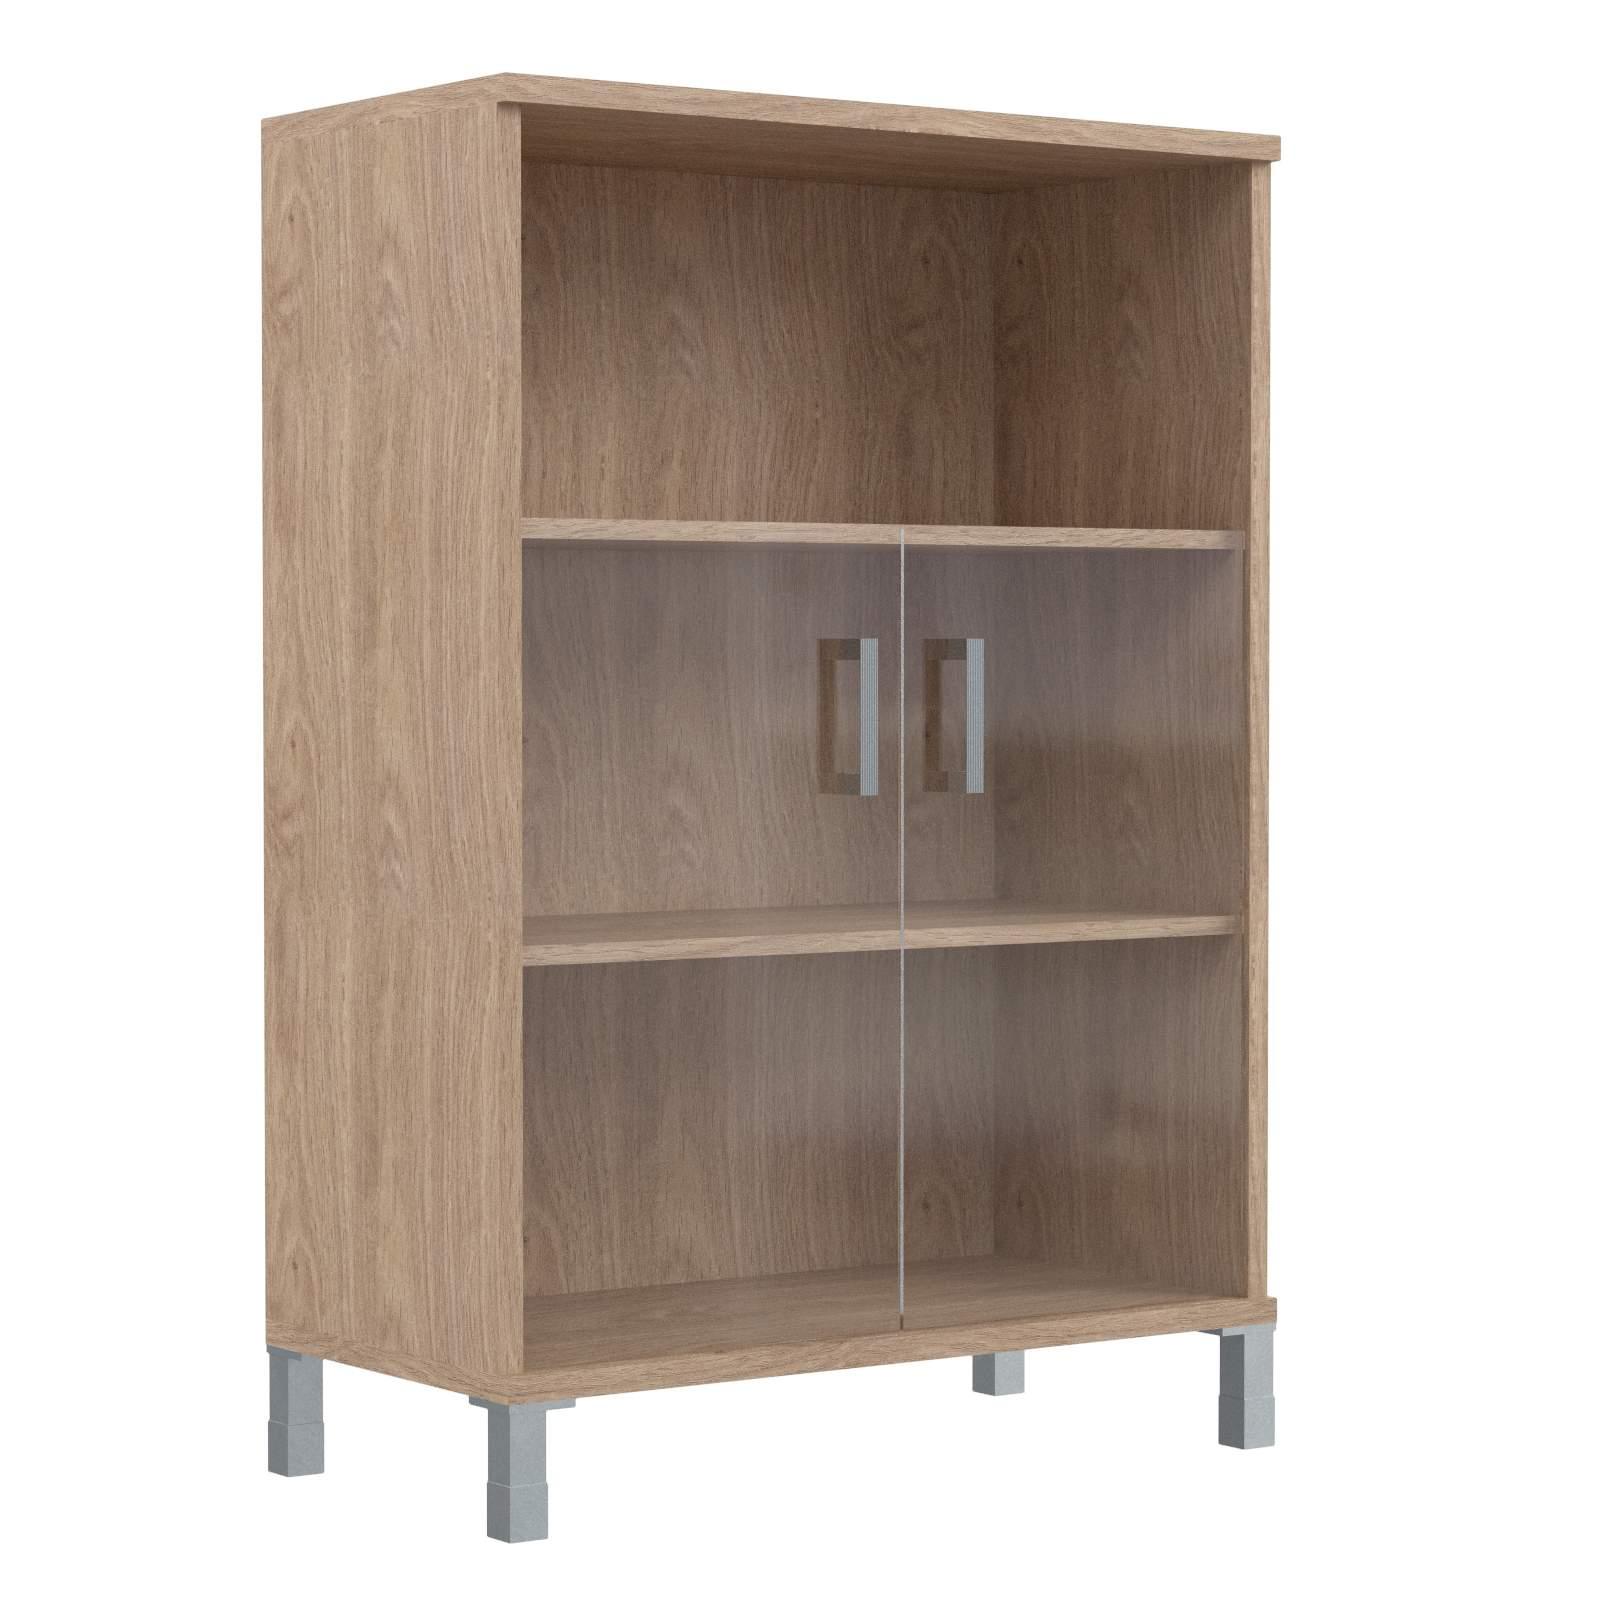 Шкаф средний с малыми стеклянными дверьми 900х435х1236